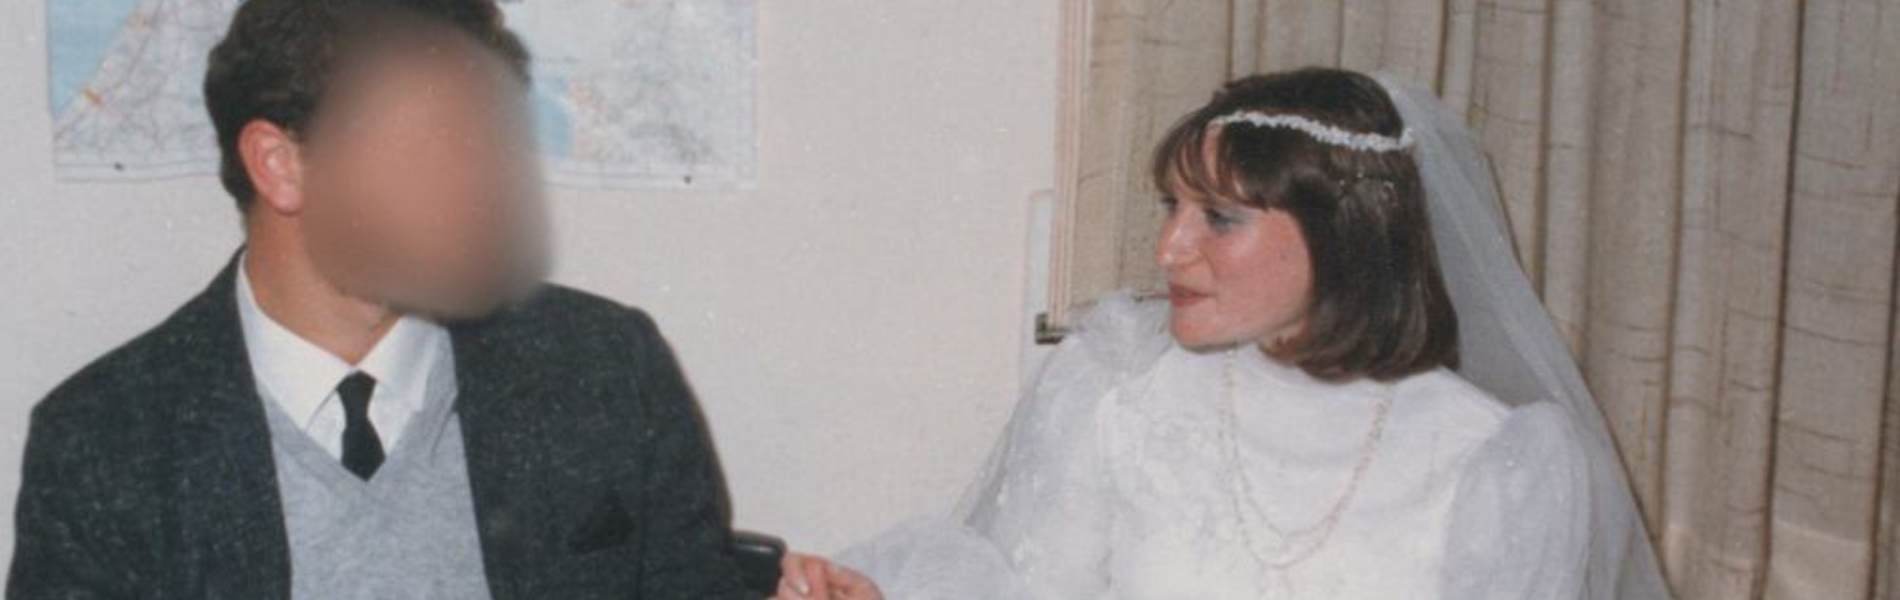 """ריקי אייל: """"בעלי הכניס אליי הביתה רוצח בלי שידעתי. אירחתי אותו על שולחן השבת שלי"""""""